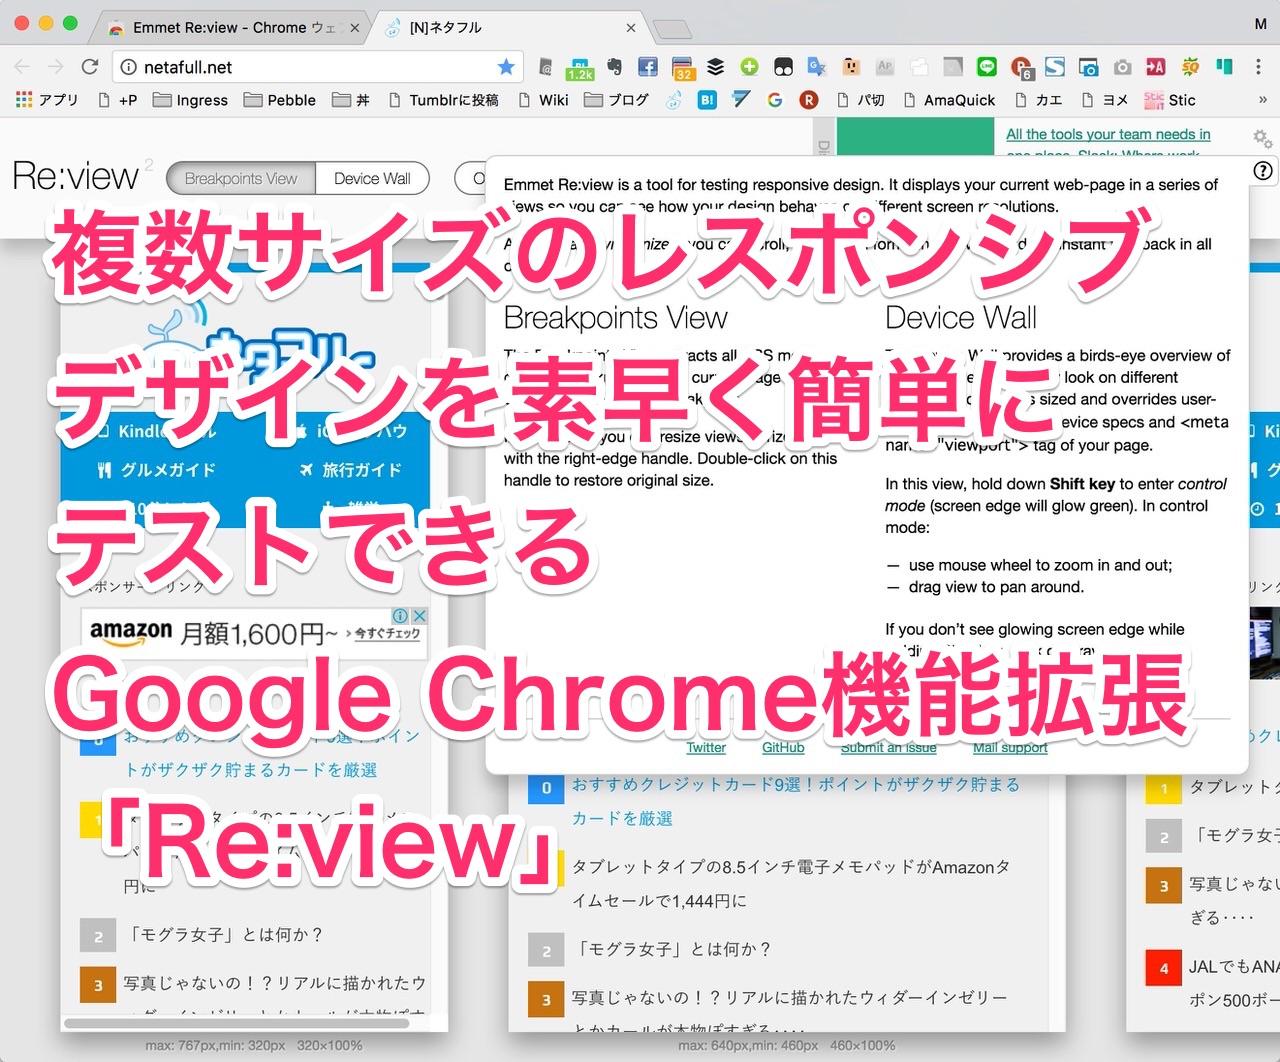 複数サイズのレスポンシブデザインを素早く簡単にテストできるGoogle Chrome機能拡張「Re:view」